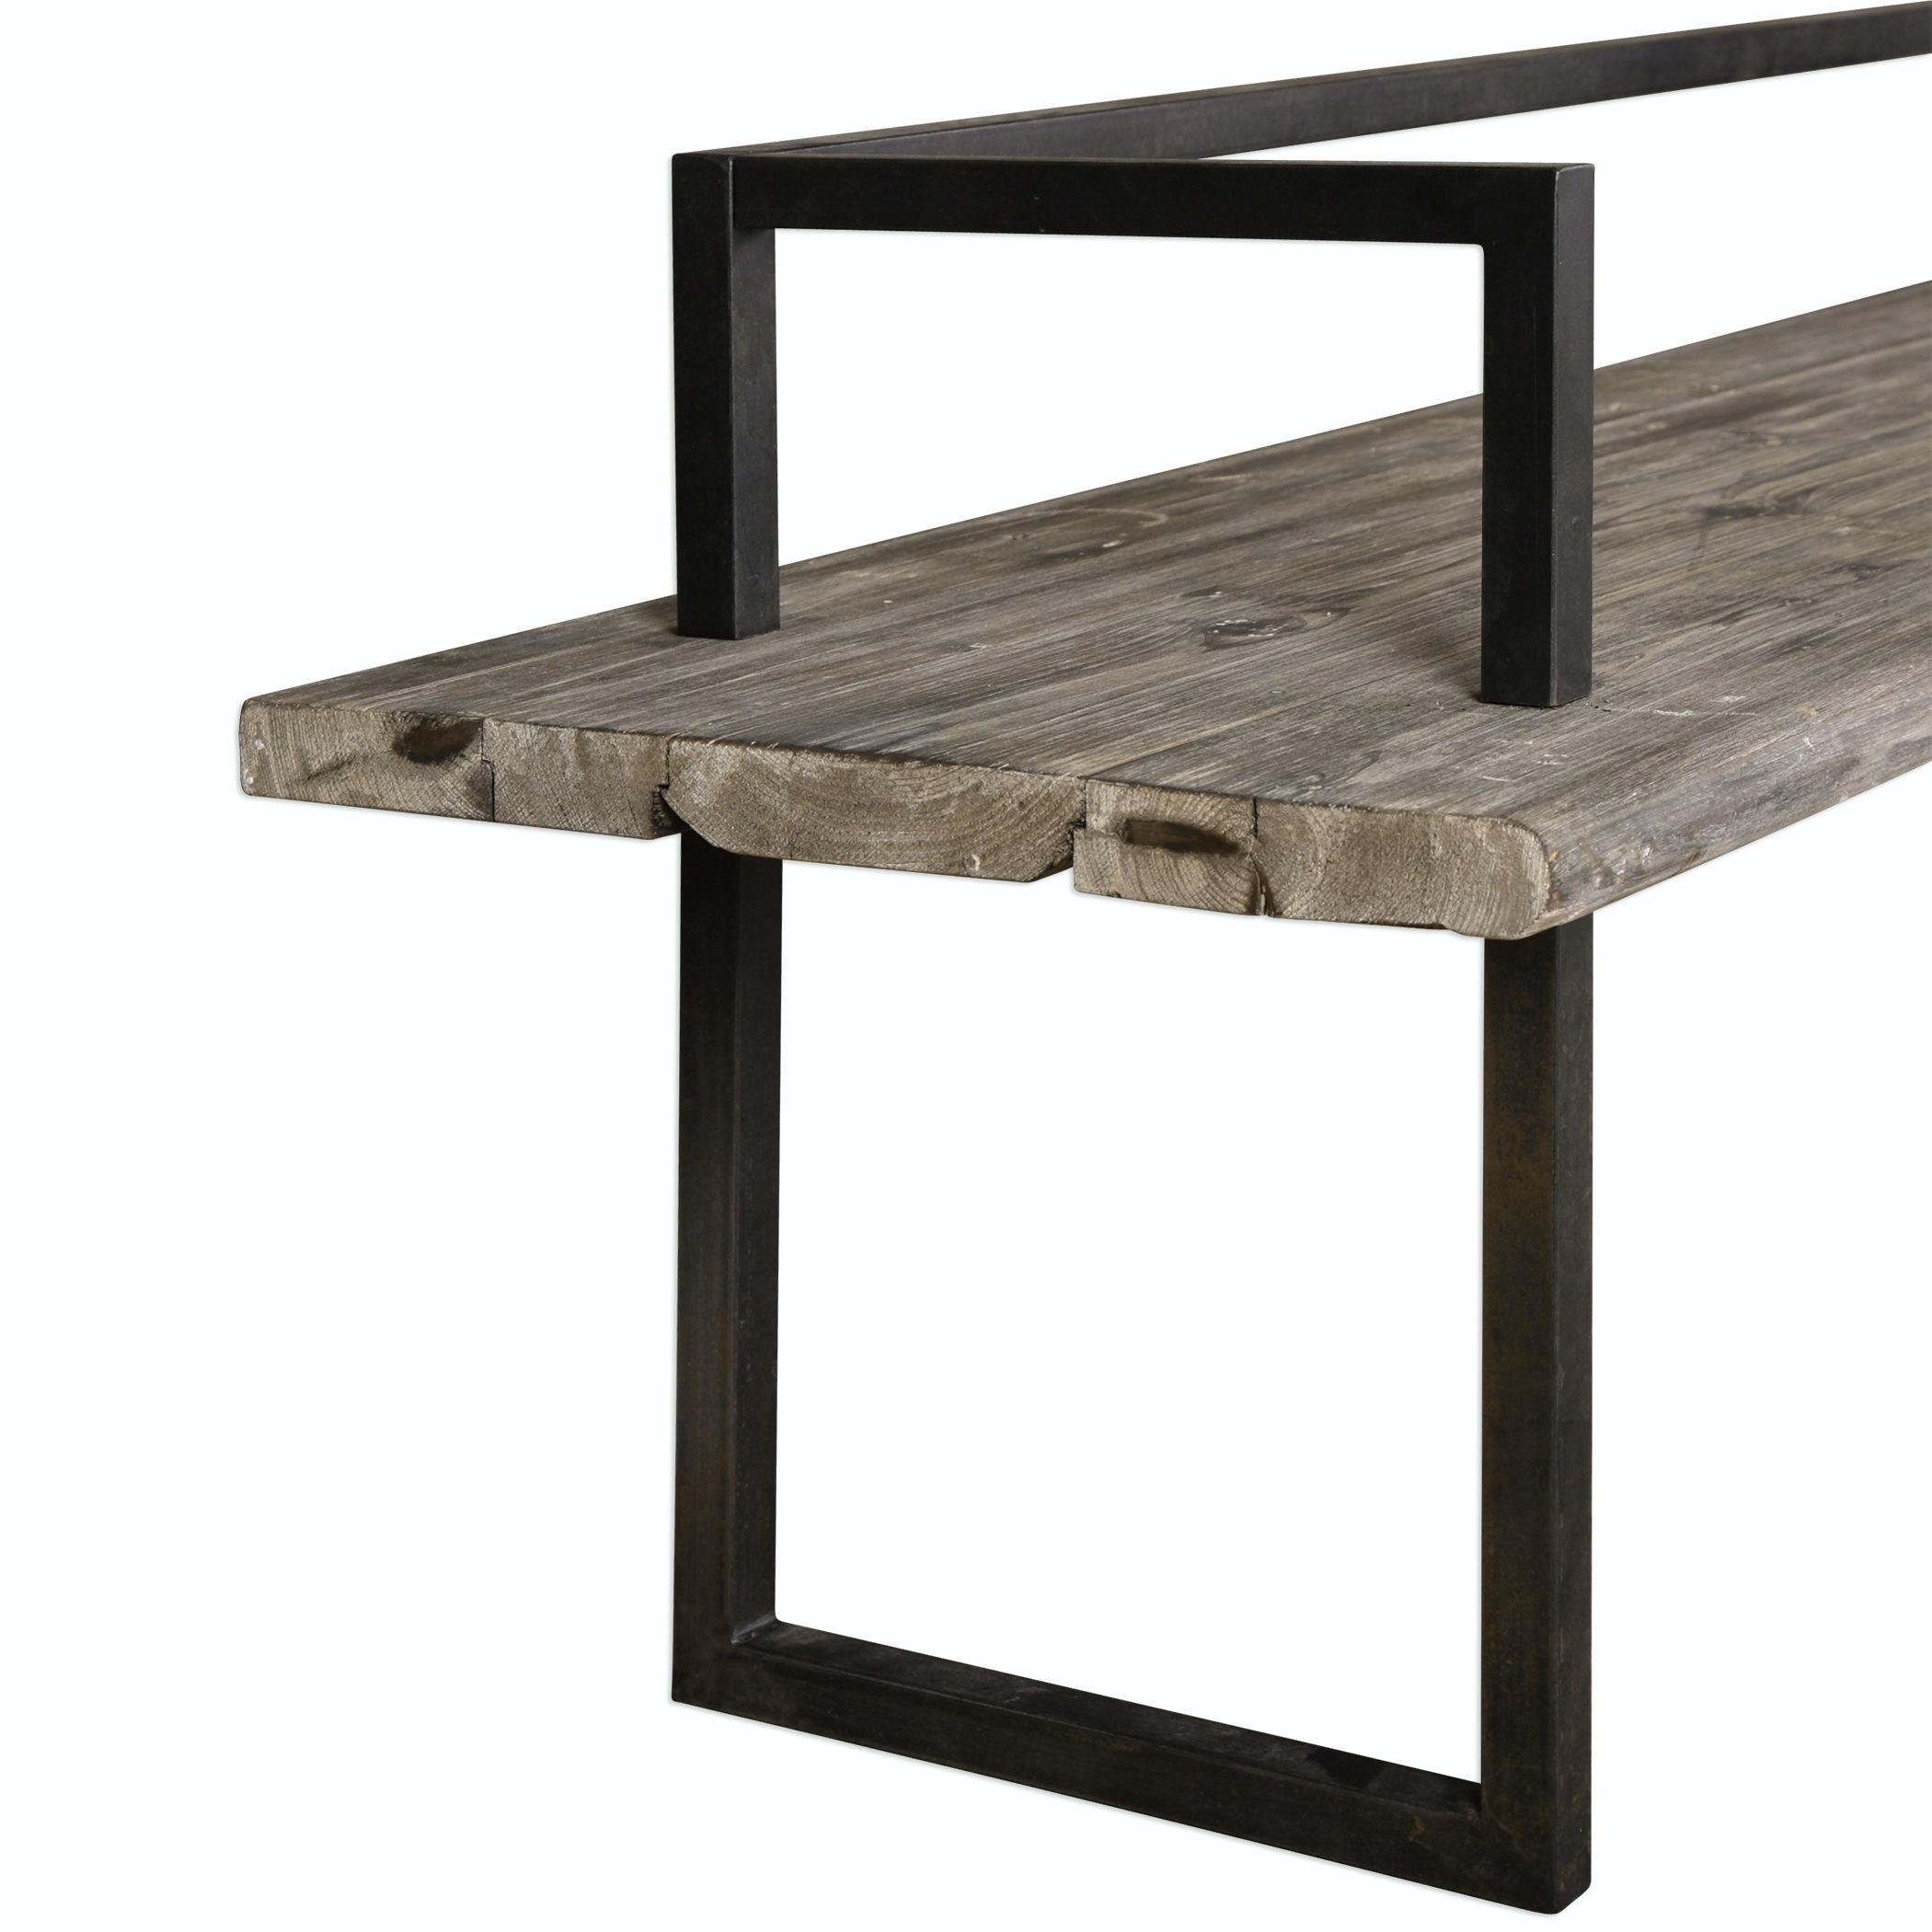 Uttermost Herbert Reclaimed Wood Bench 24701